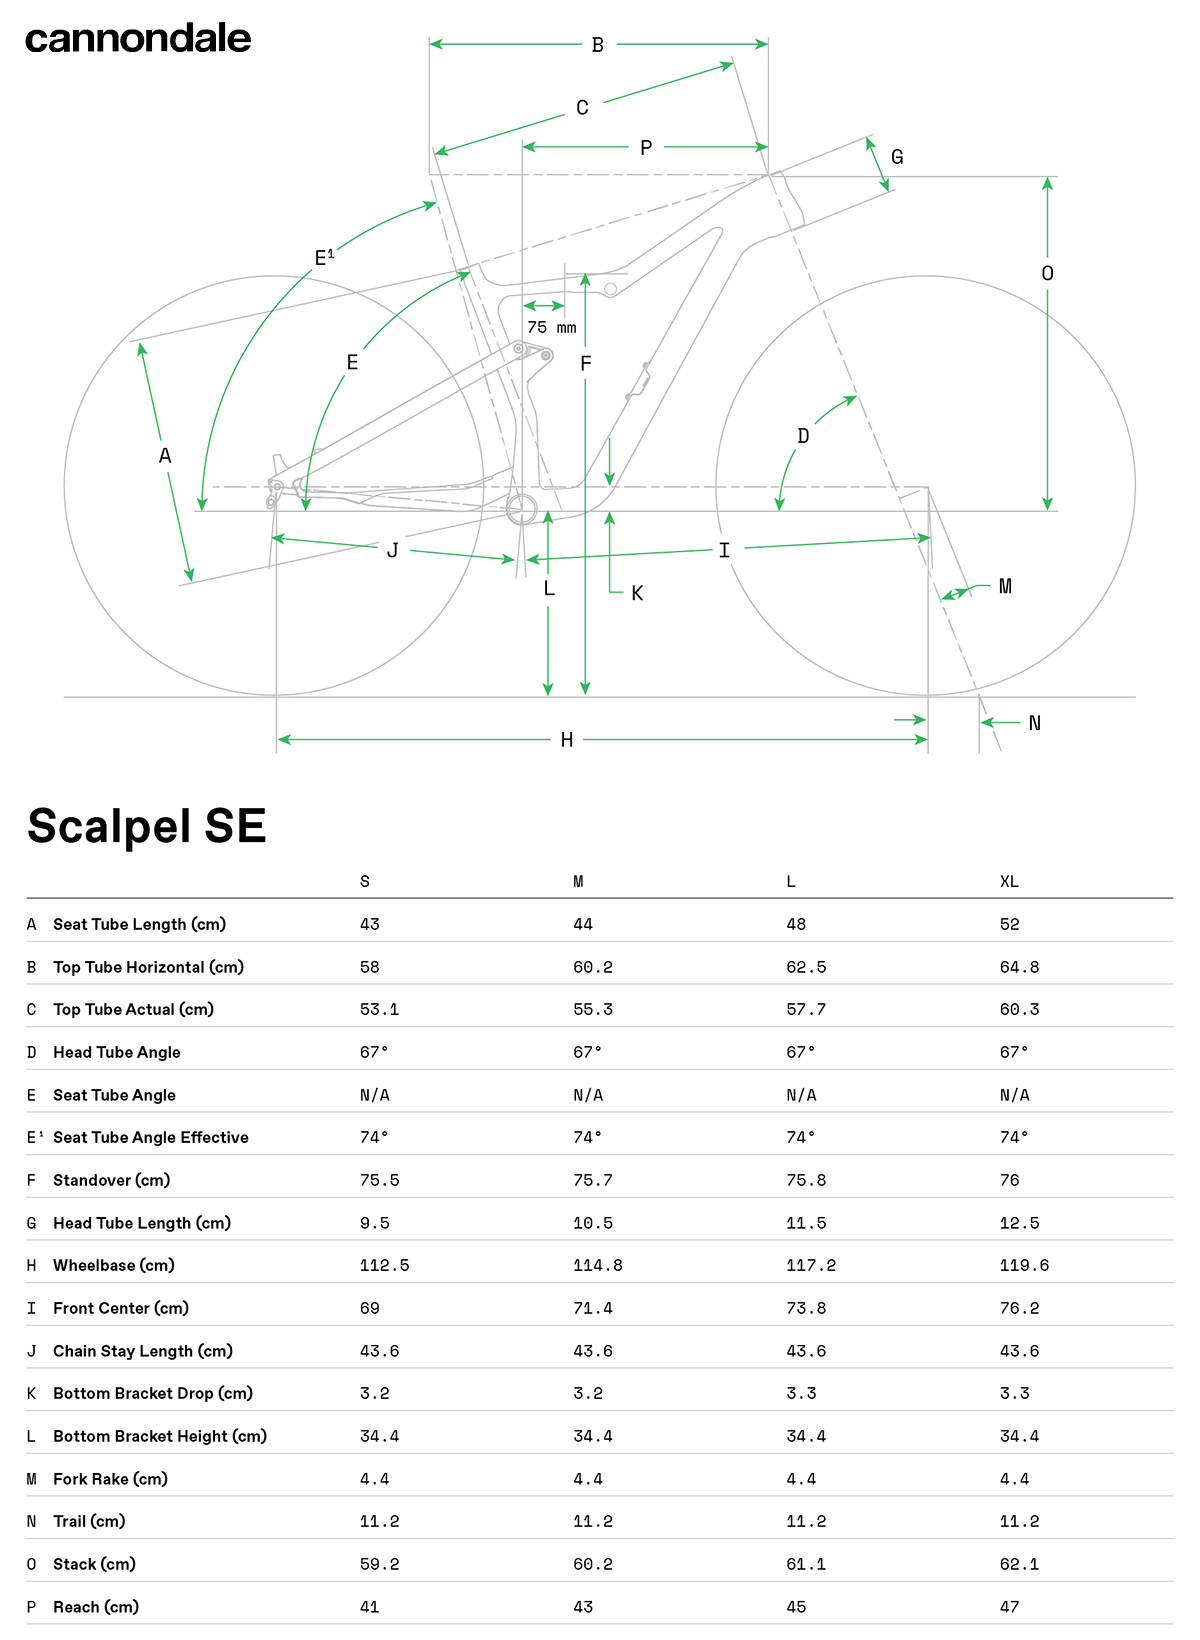 Una tabella illustra le geometrie delle Scalpel Carbon SE LTD in funzione della taglia